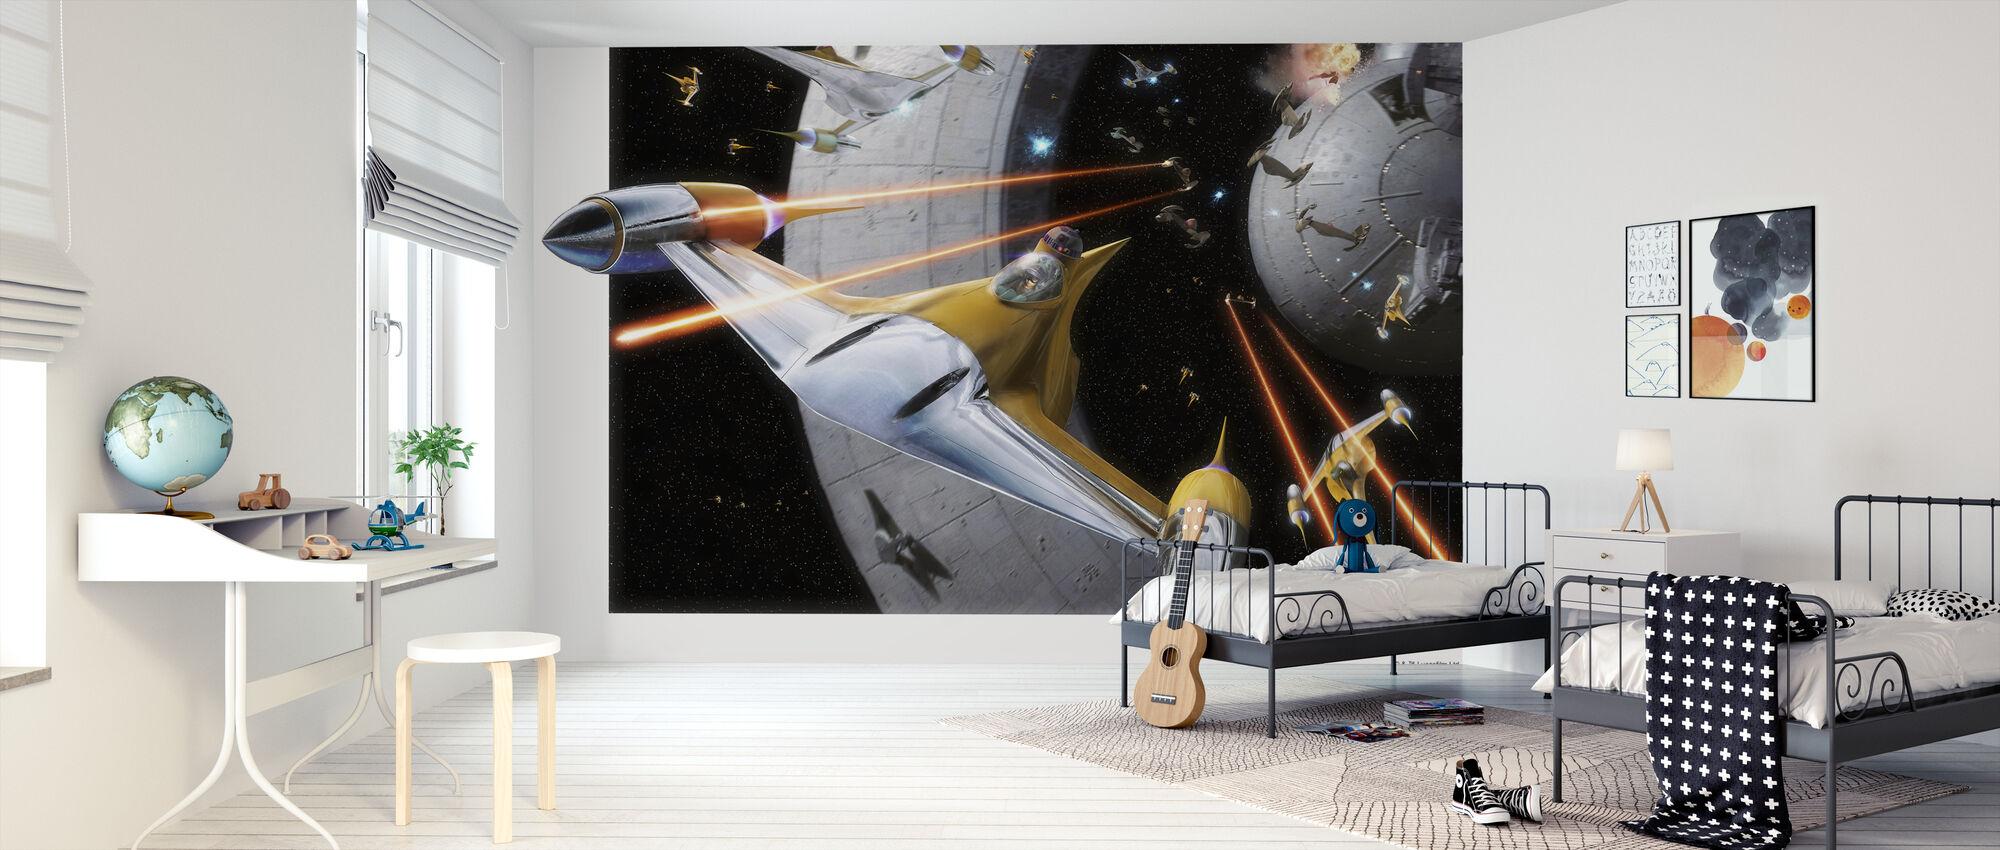 Stjärnornas krig - Anakin i Naboo Starfighter - Tapet - Barnrum